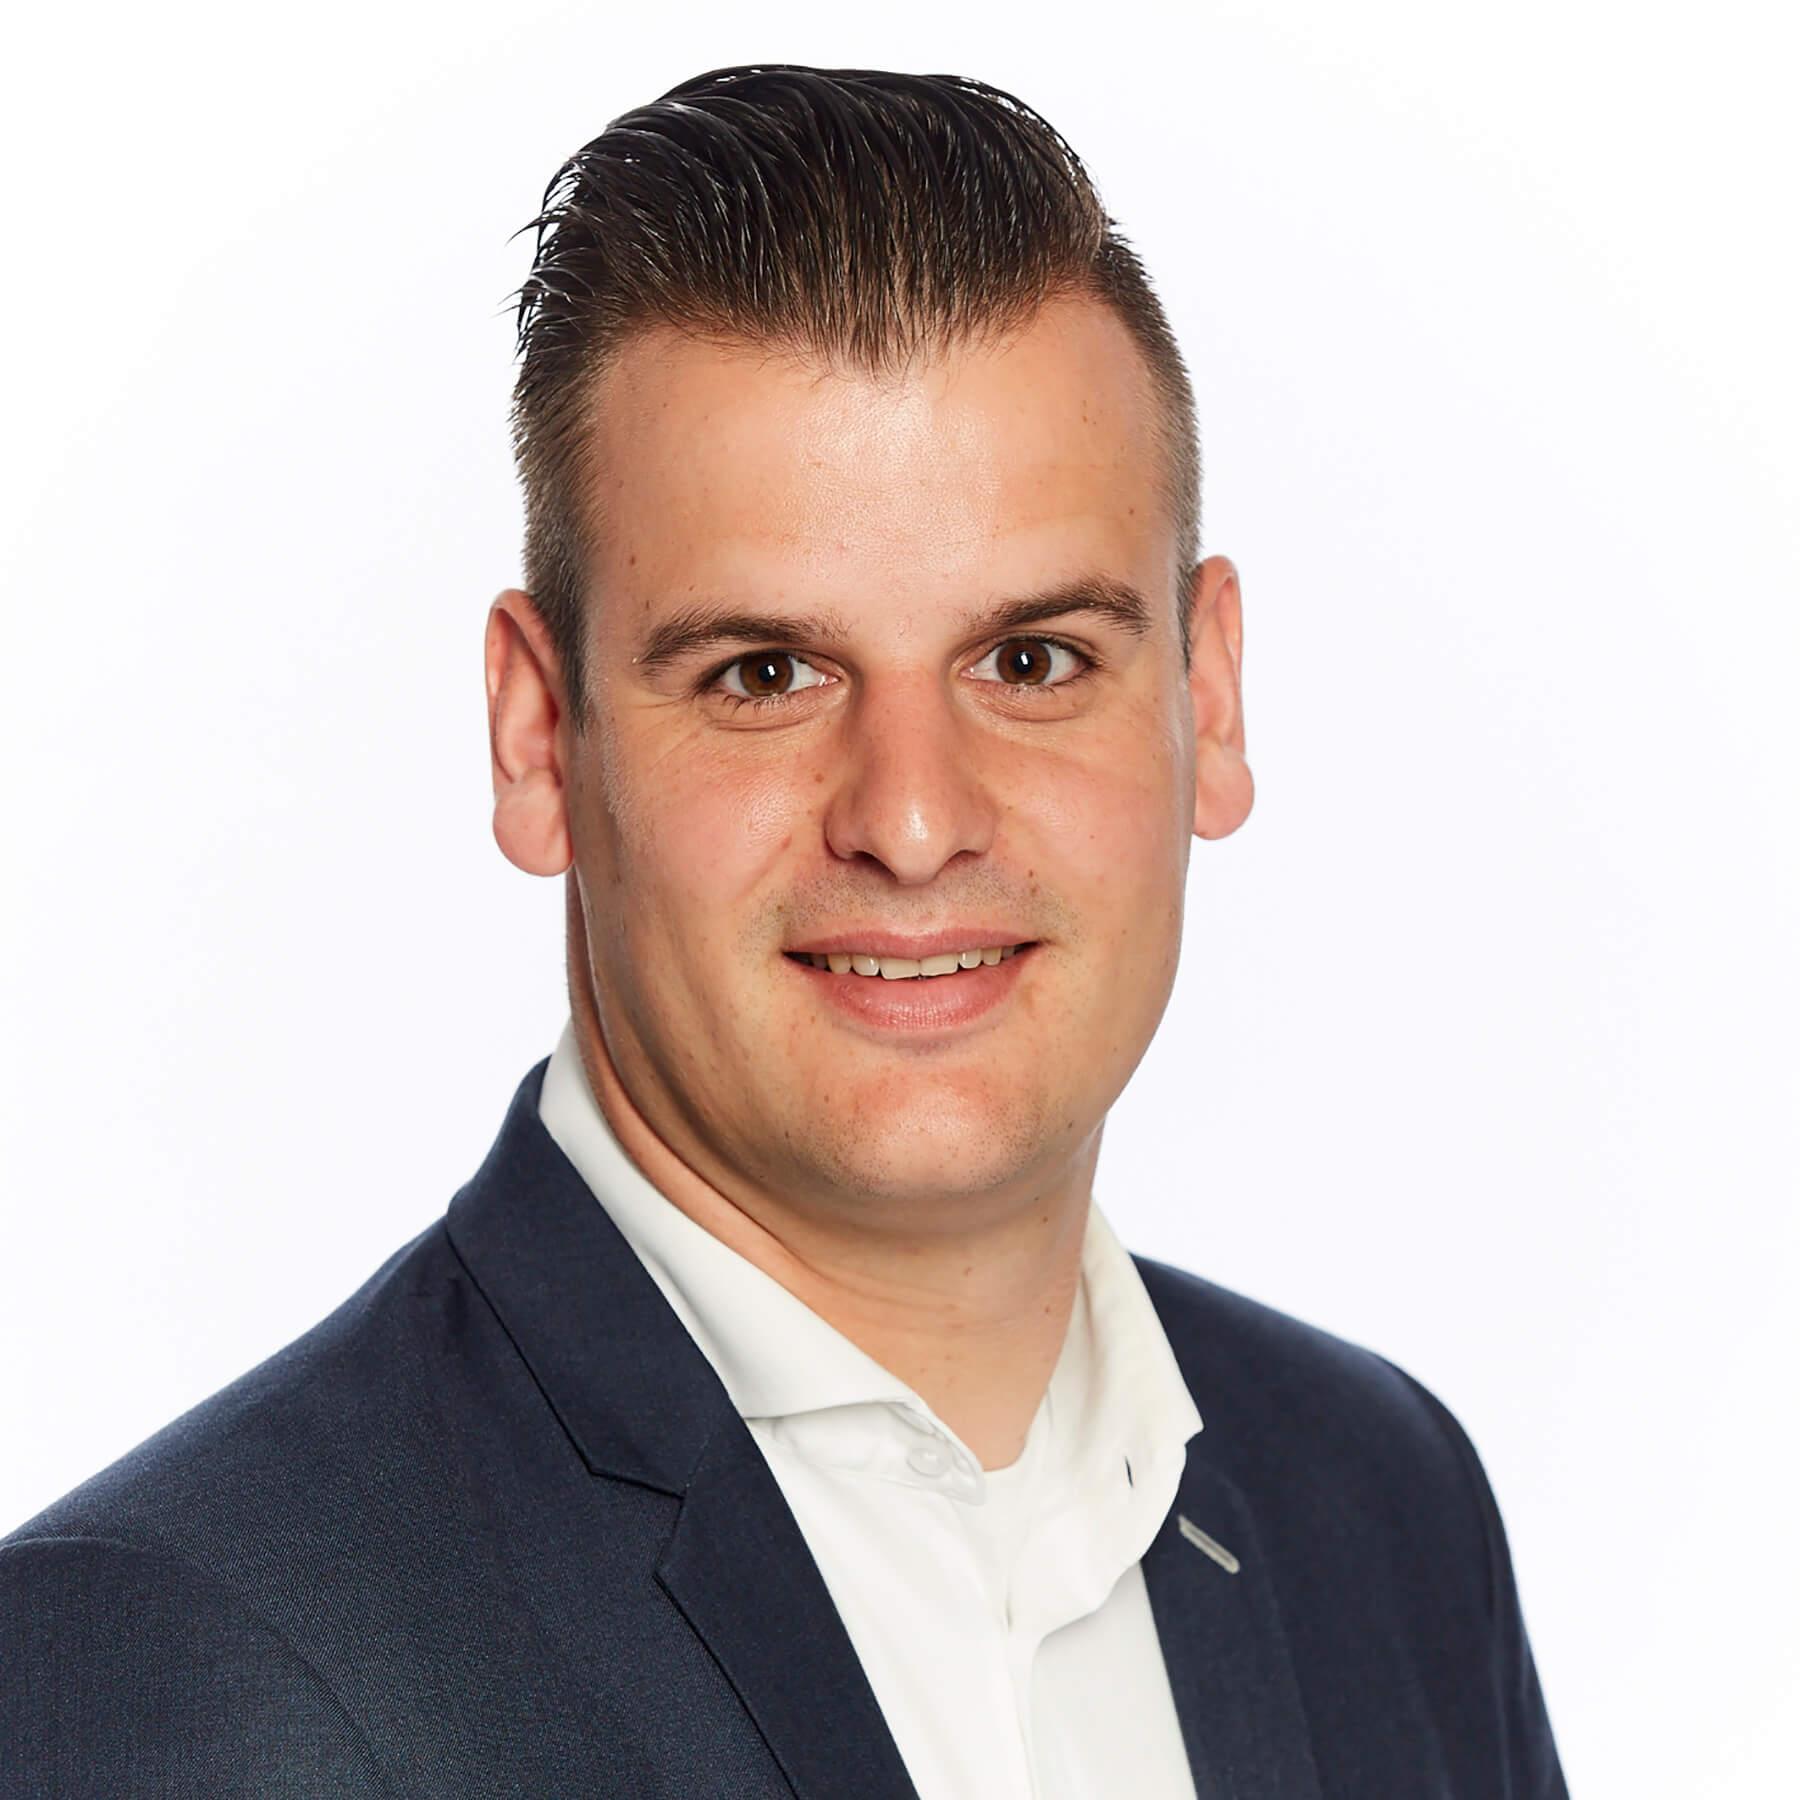 Dirk Bakkers